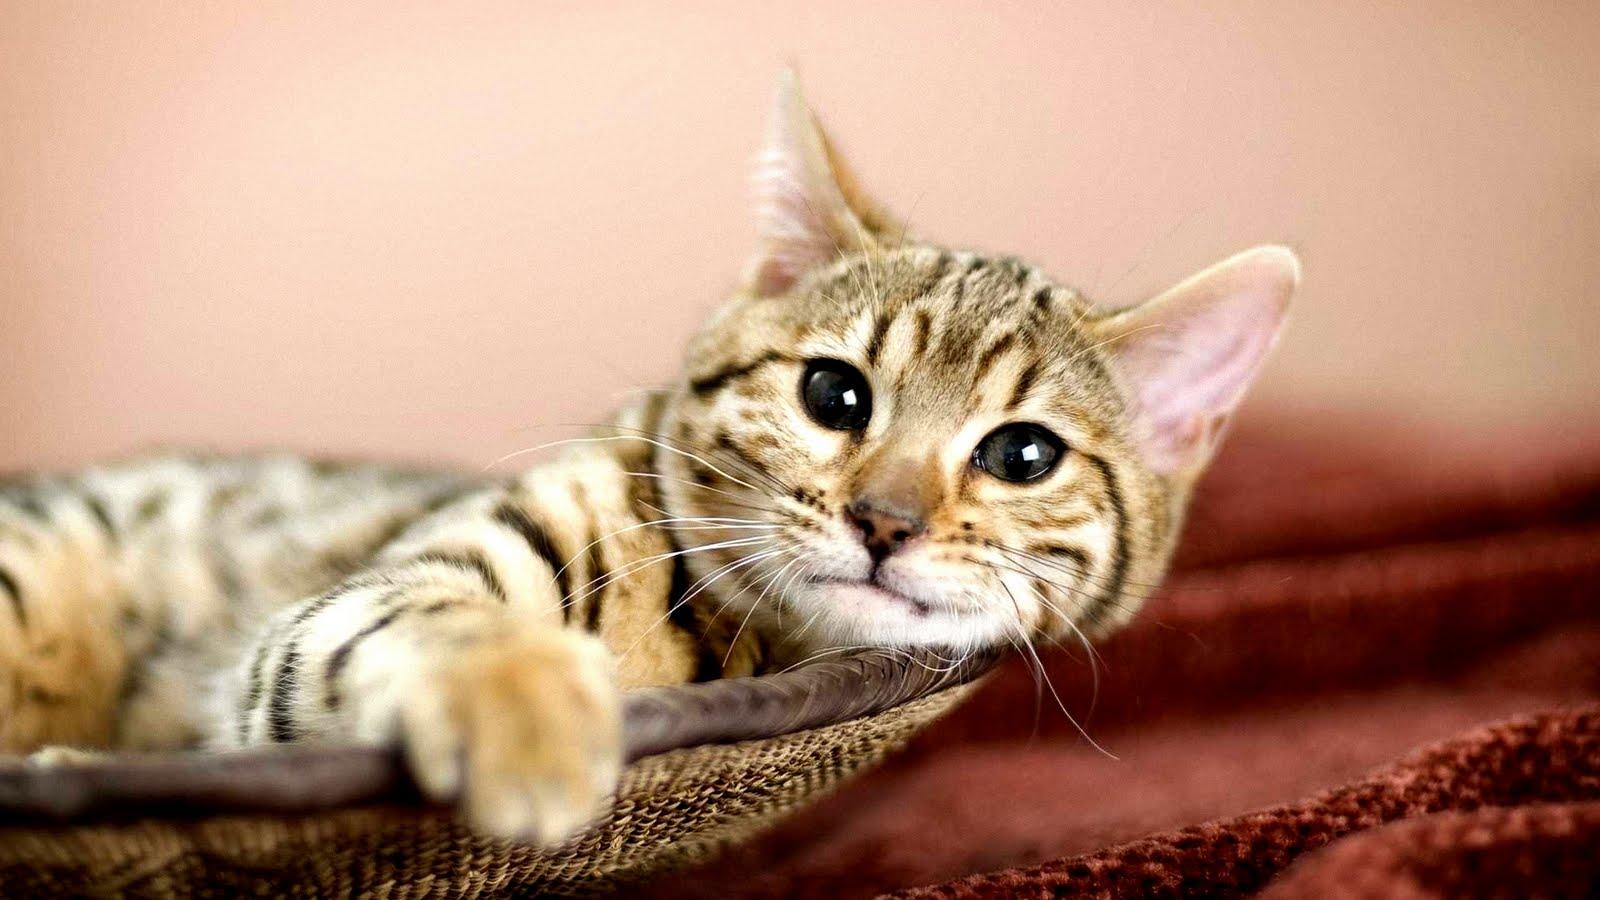 http://2.bp.blogspot.com/-0SGP6zBd0gI/Tw-KJDPI56I/AAAAAAAAuKA/0lf4nuj-6qA/s1600/gatito-descansando-lazy-cat-gato-flojo-kitten.jpg